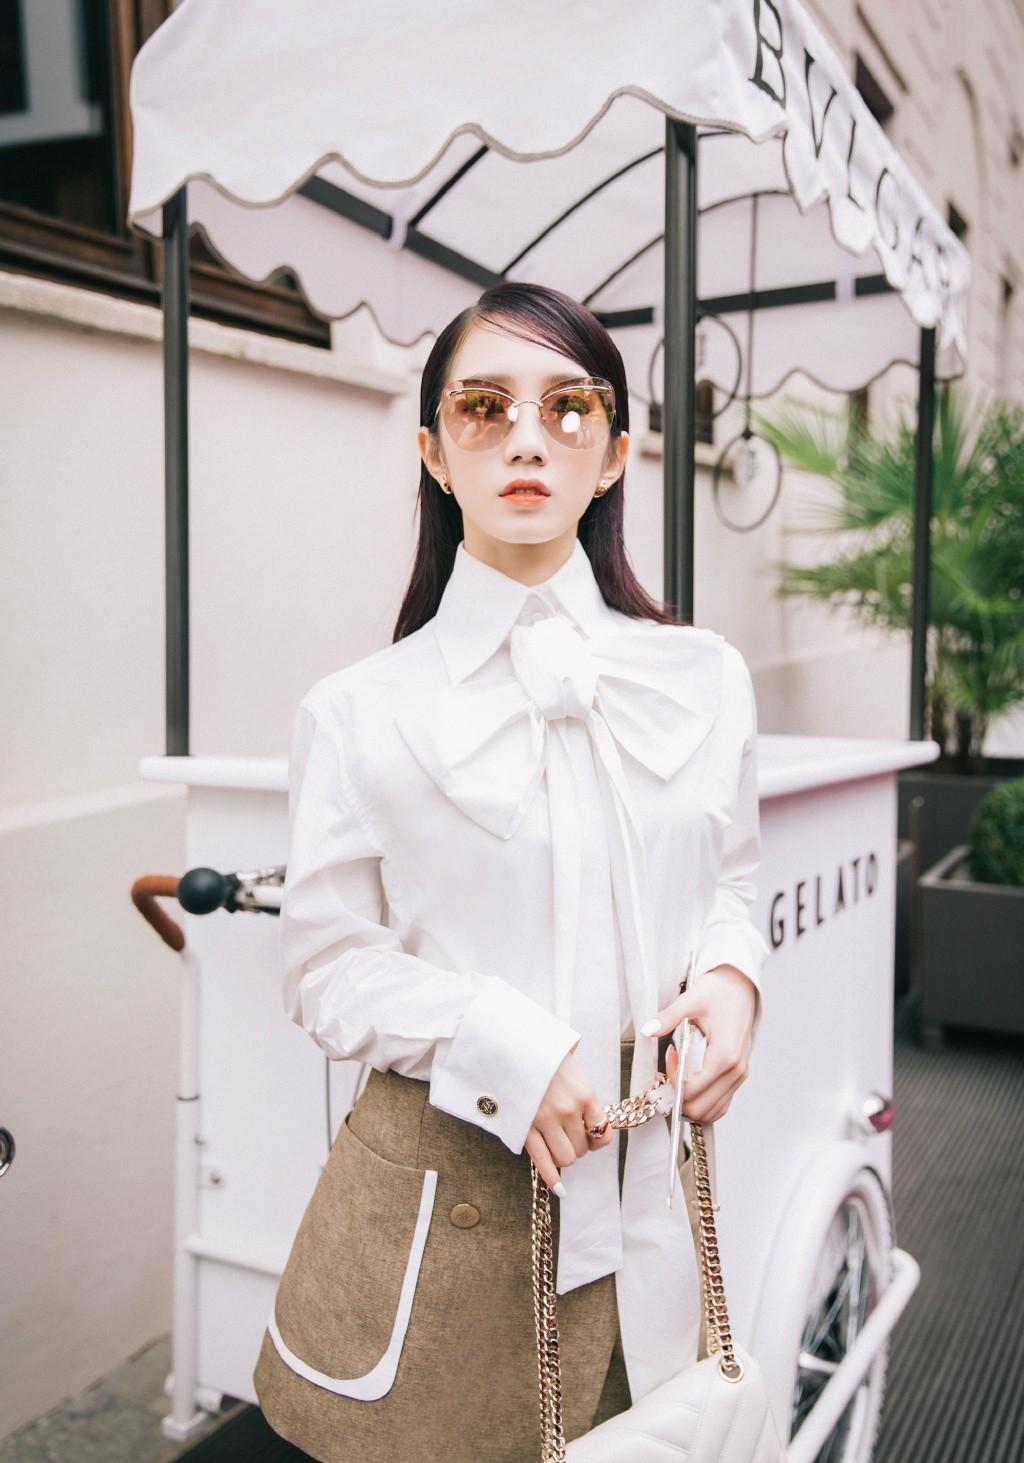 孟美岐美到国外了,穿大蝴蝶结白色衬衣配短裙,优雅又不失甜美